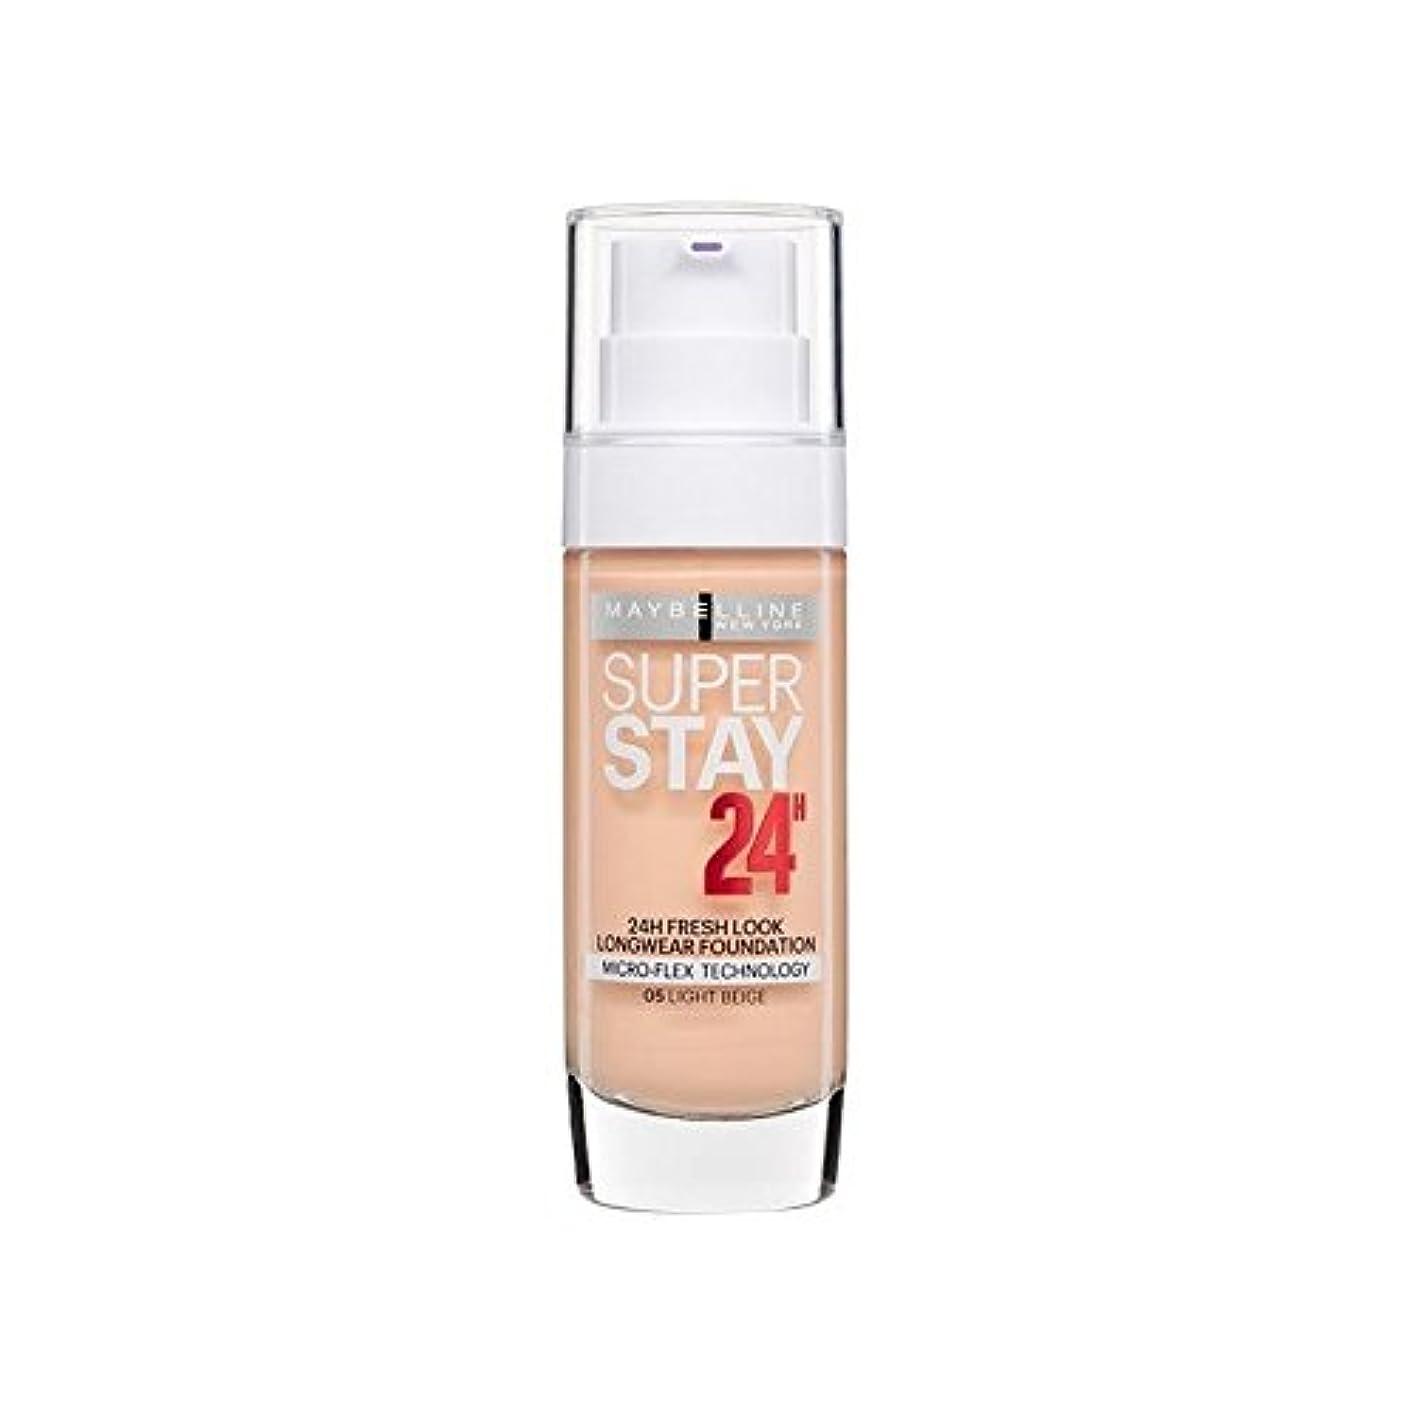 自動フォロー歴史メイベリンの24時間リキッドファンデーションライトベージュ30ミリリットル x4 - Maybelline SuperStay 24h Liquid Foundation Light Beige 30ml (Pack of 4) [並行輸入品]